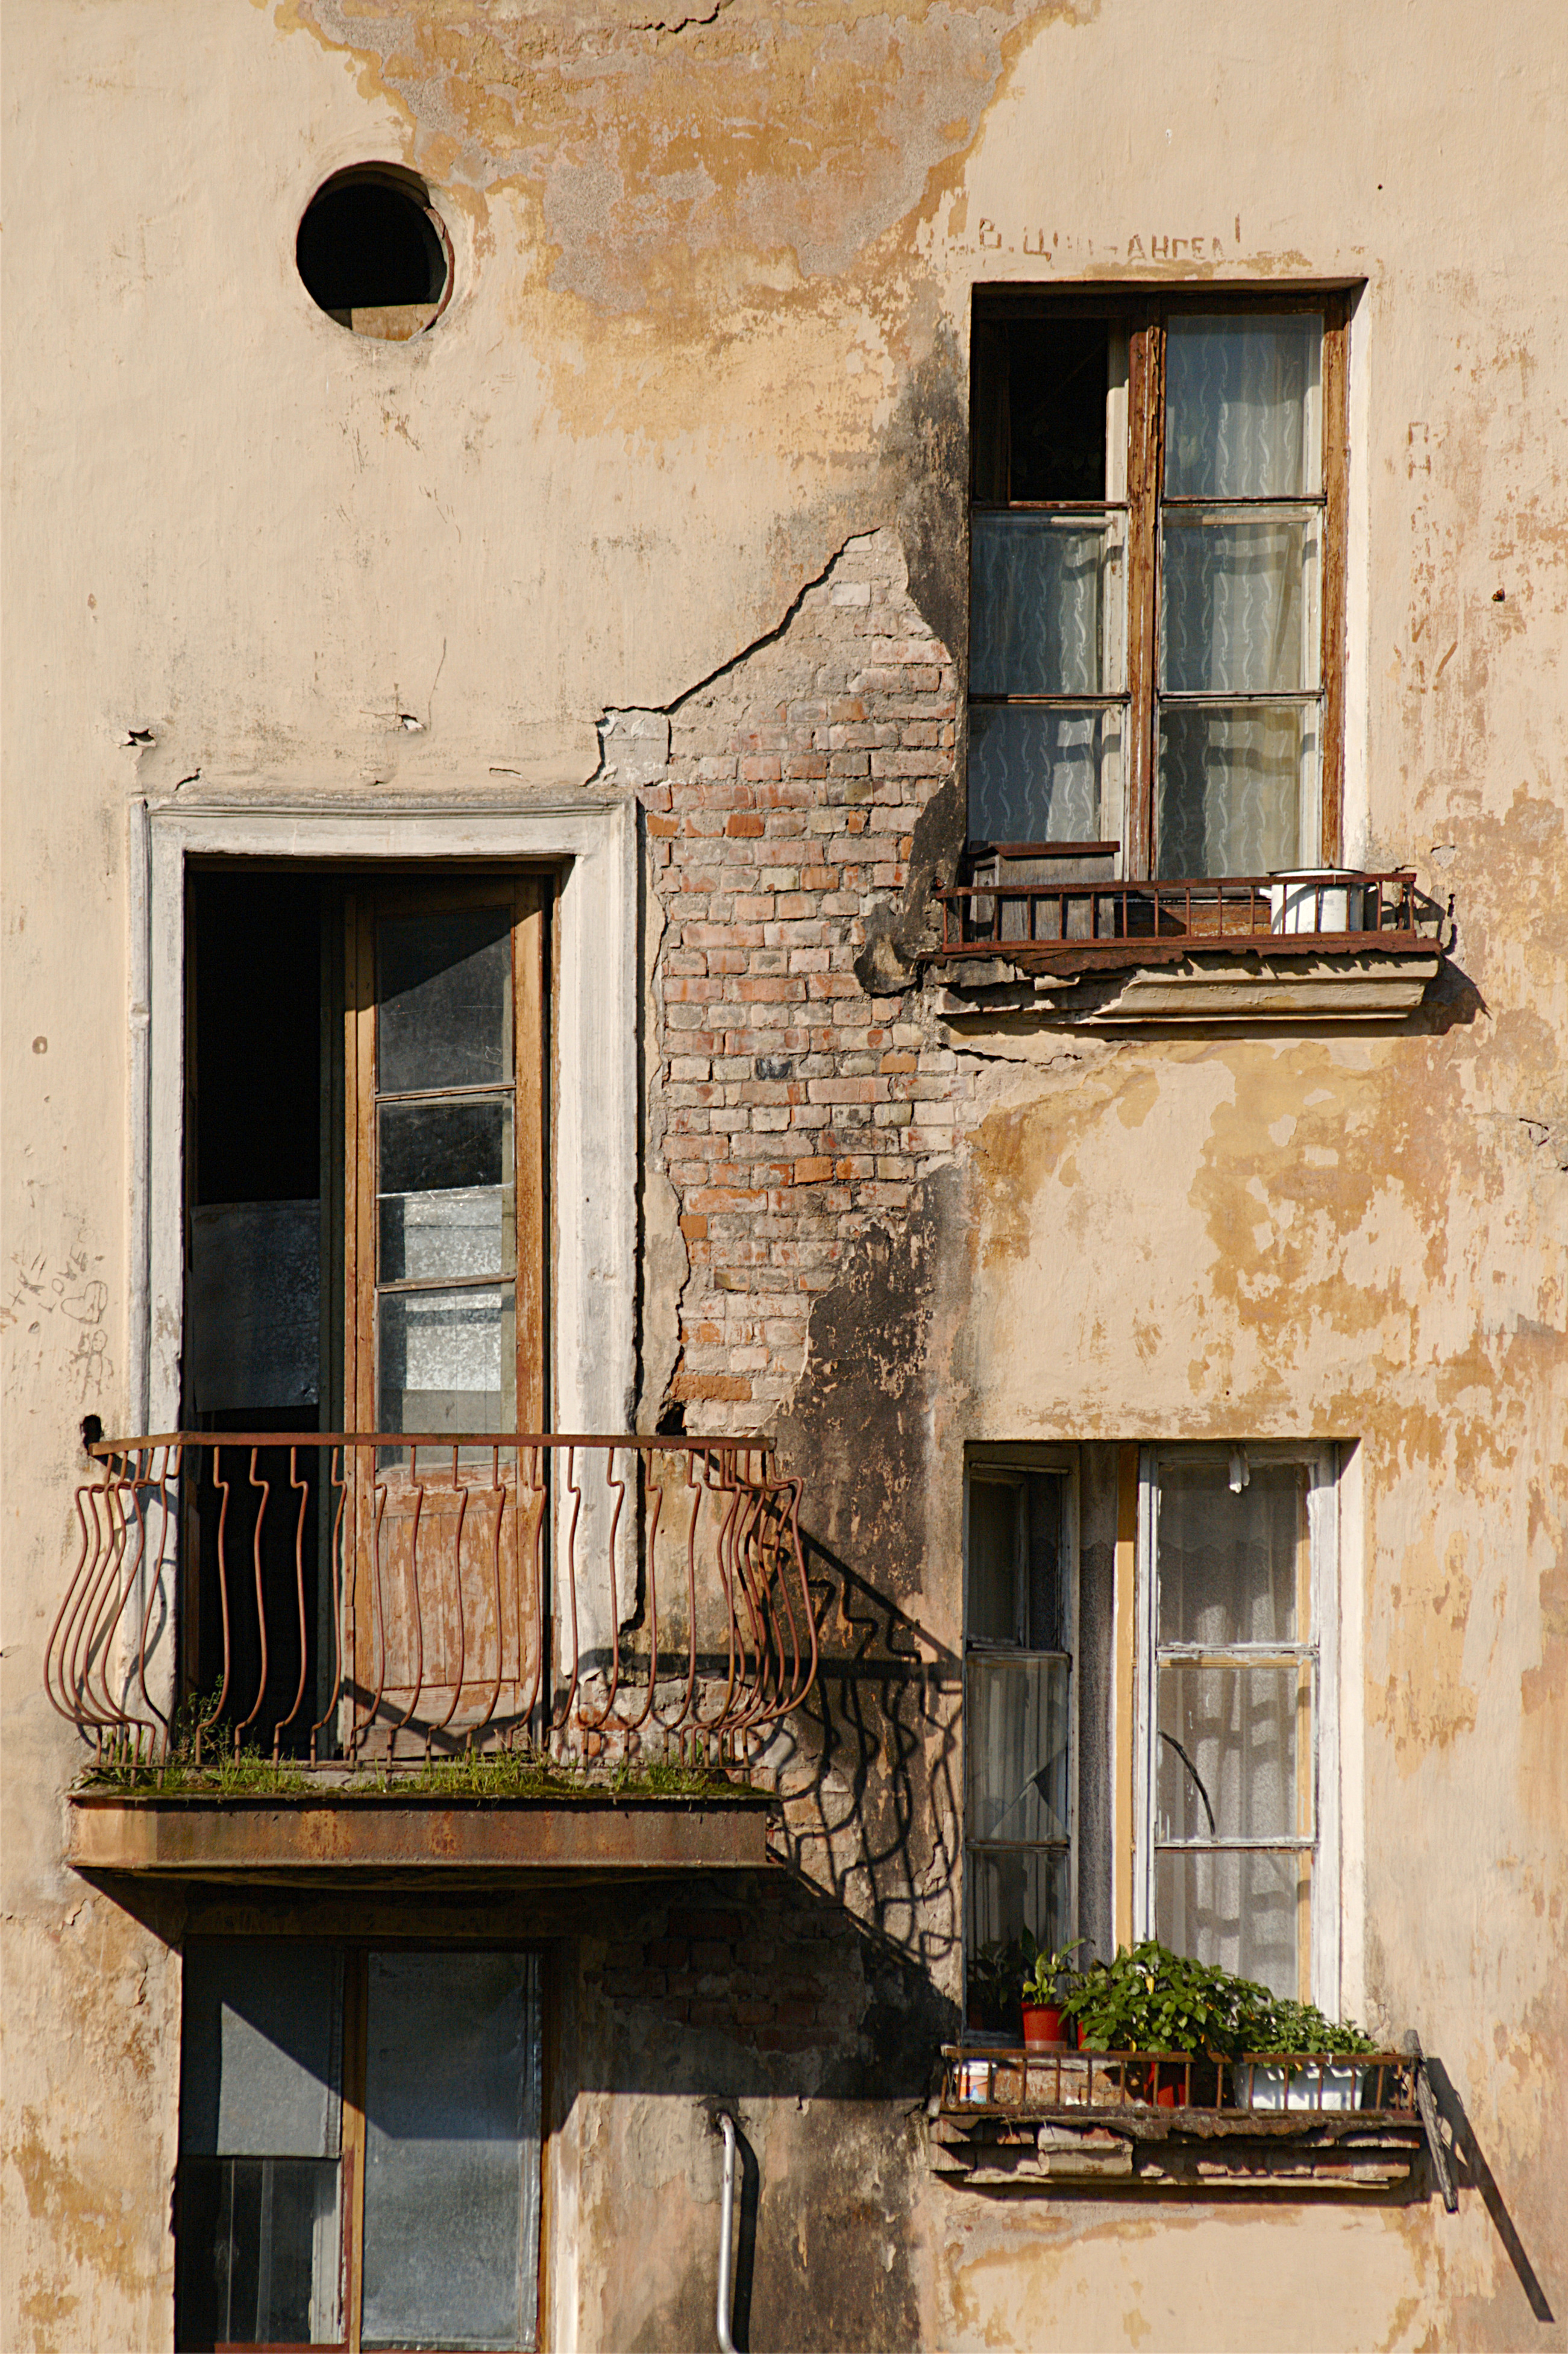 Cómo reclamar daños en la vivienda